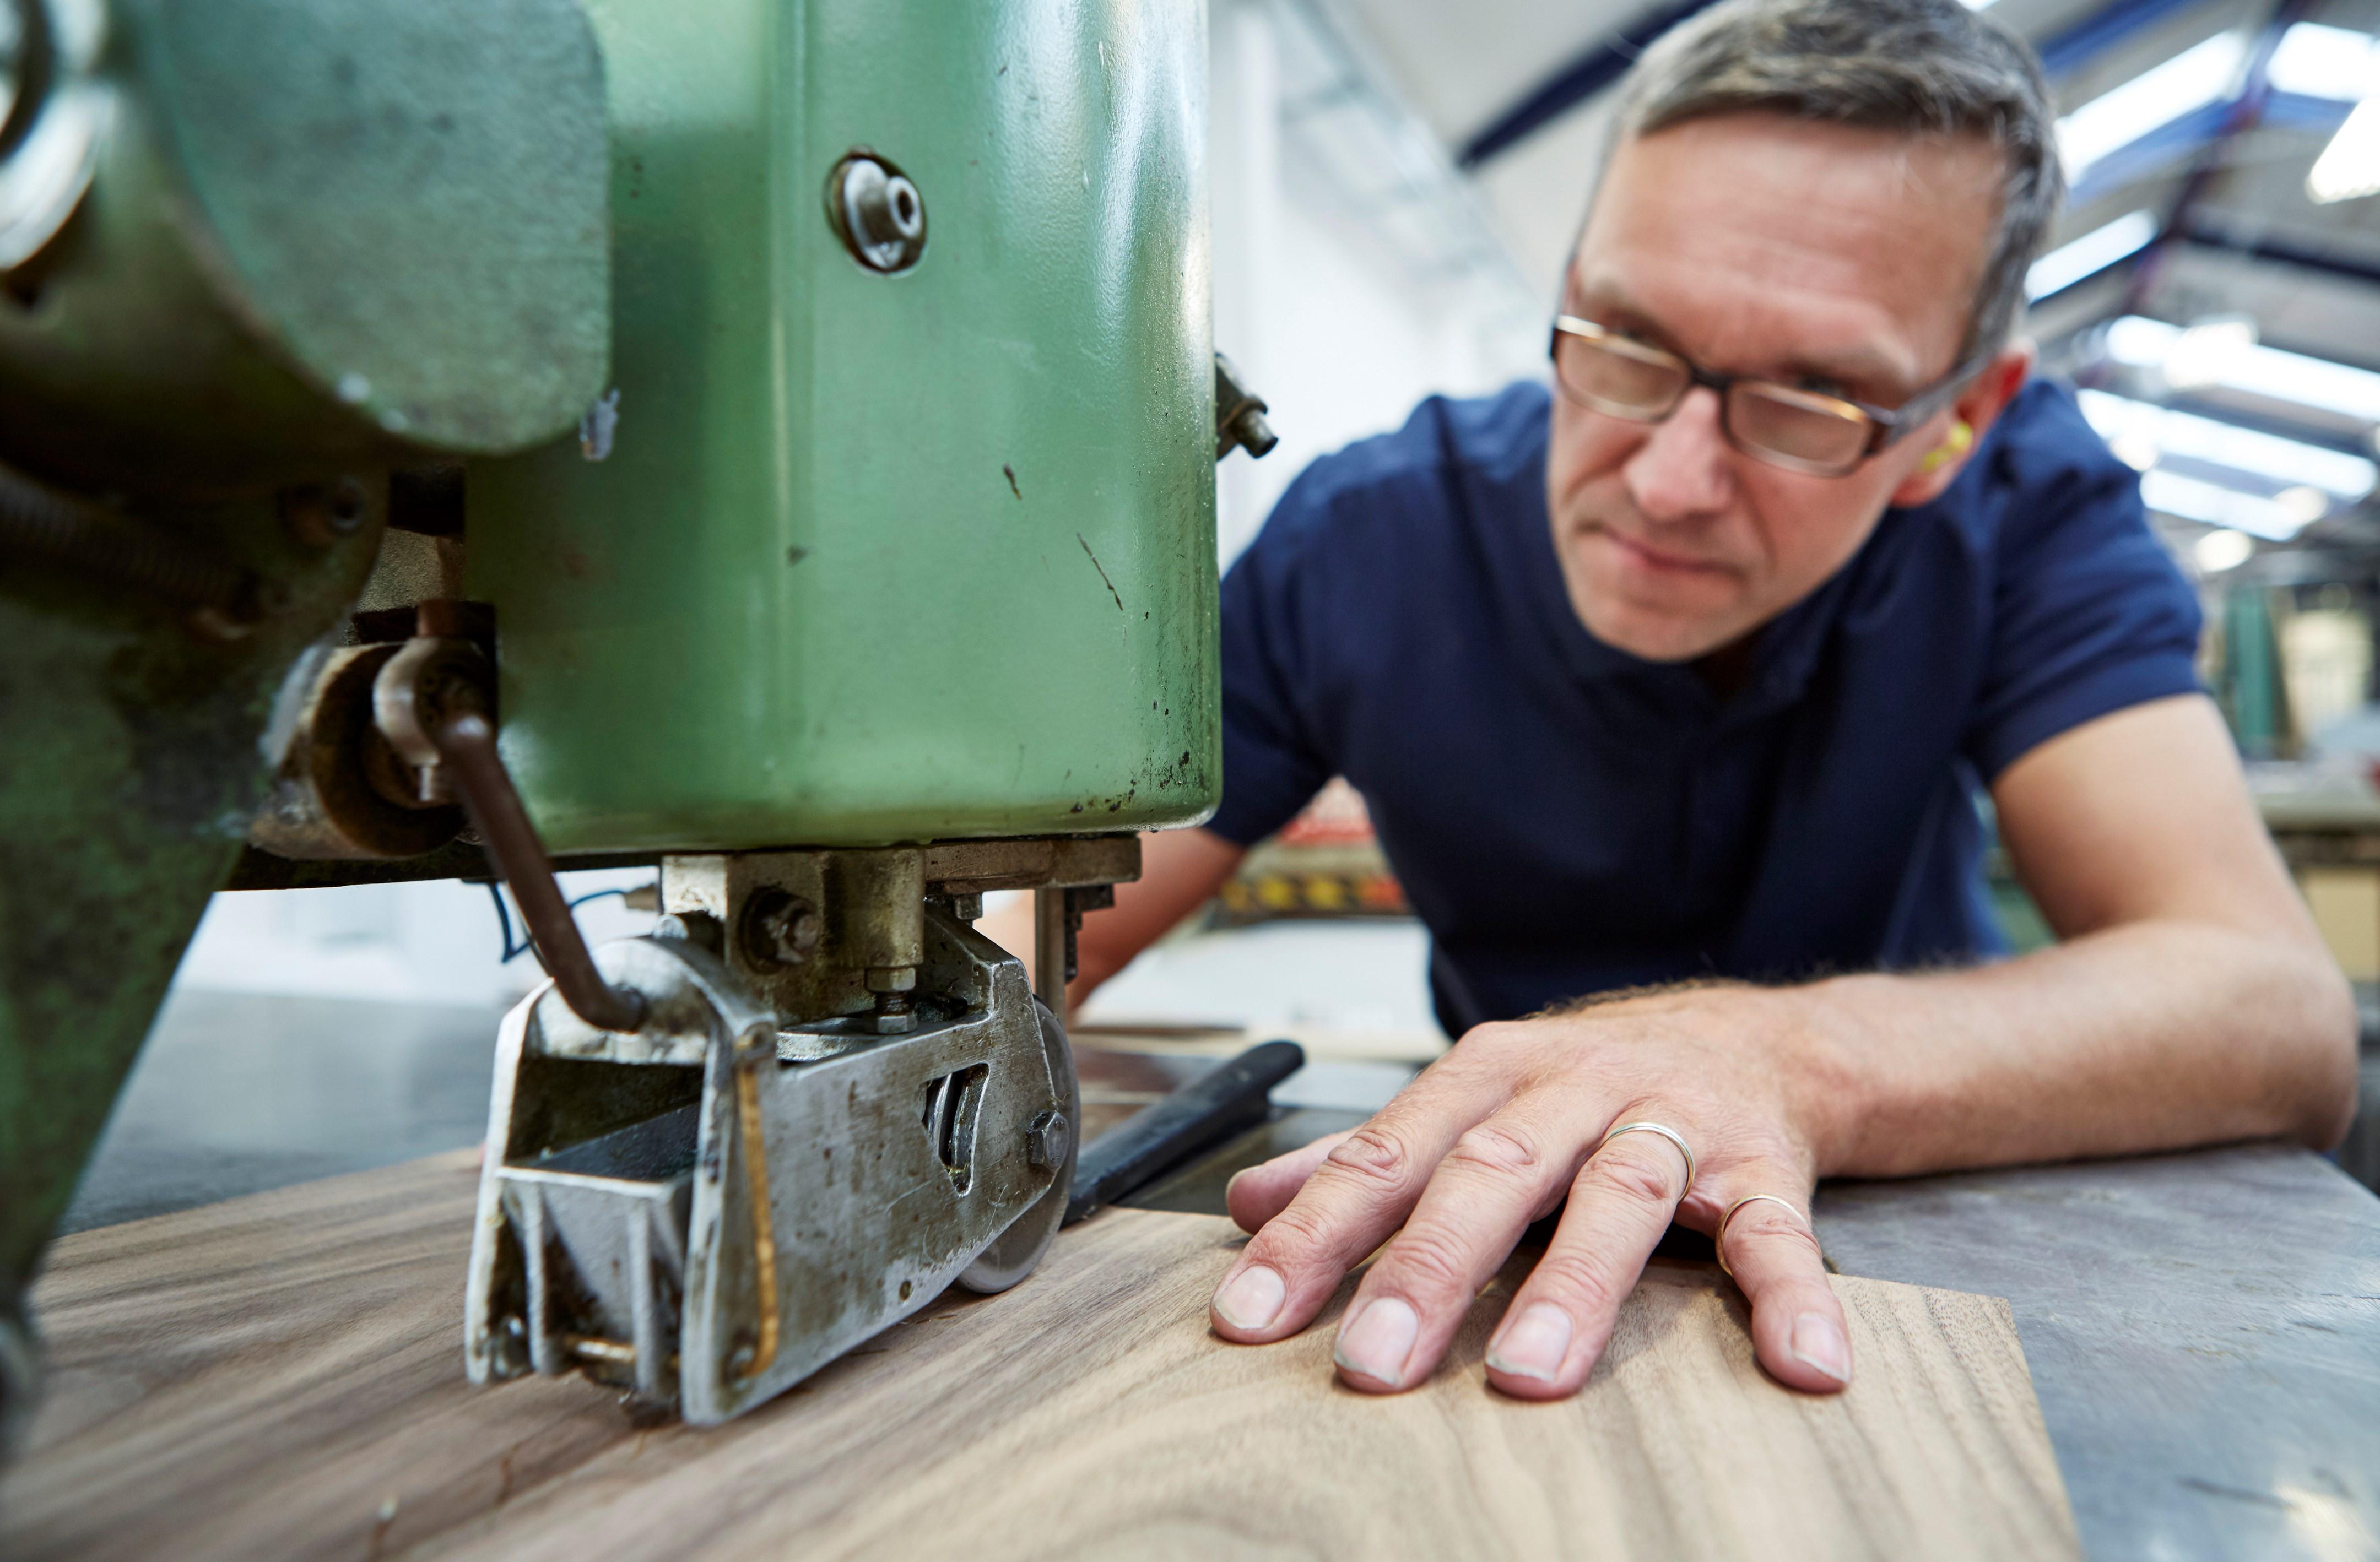 Skilled craftsmanship